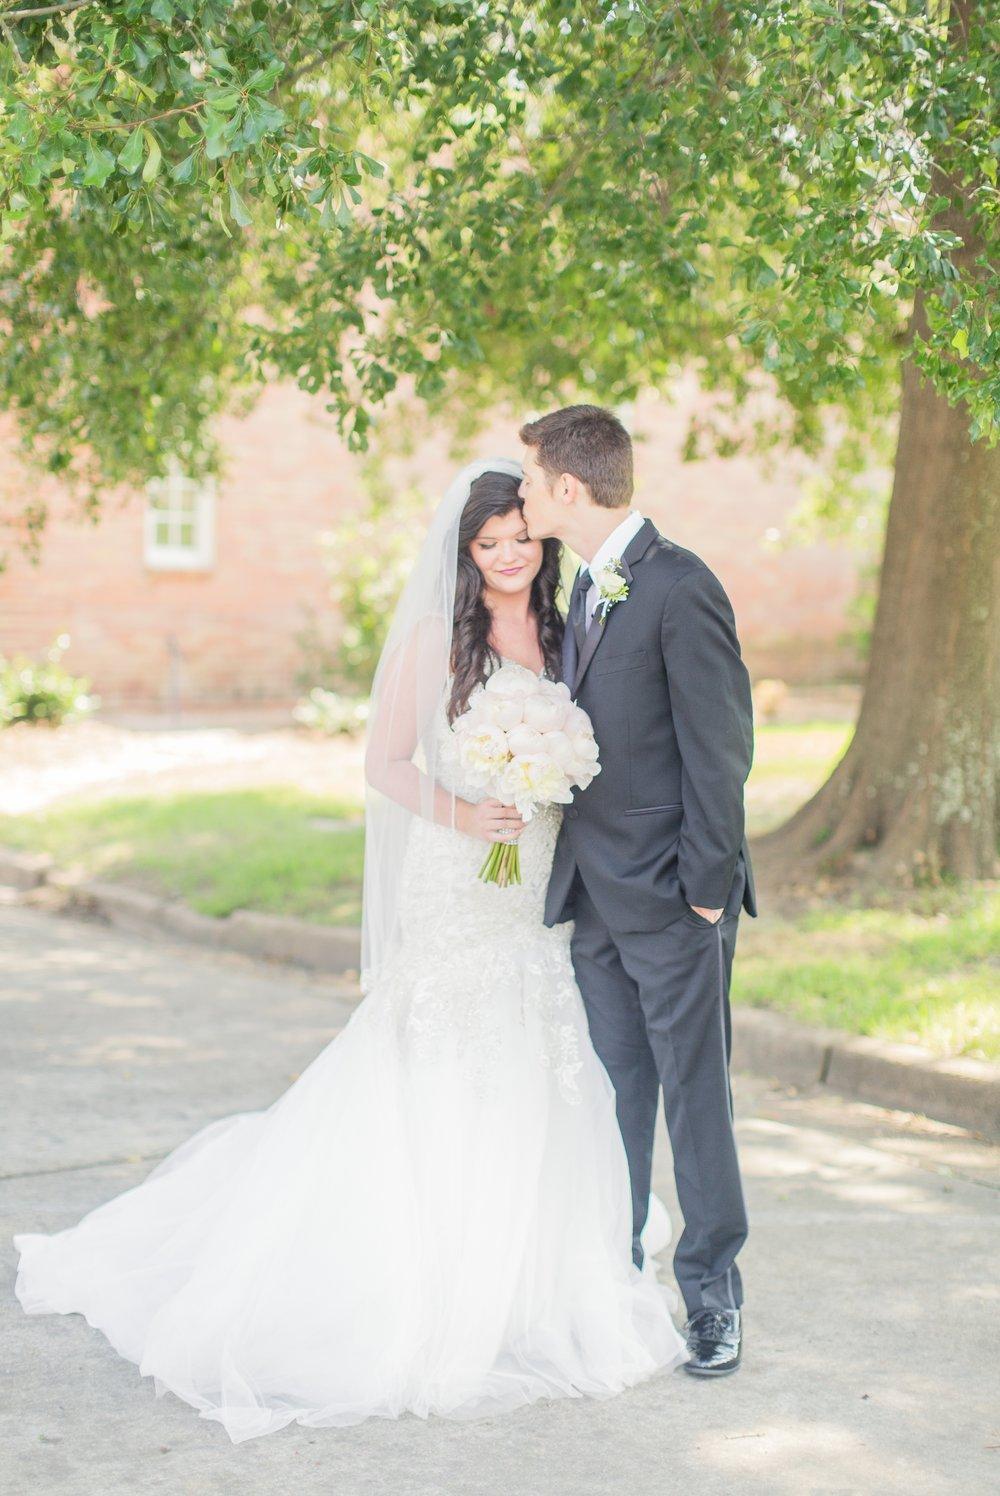 philadelphia-mississippi-summer-wedding 29.jpg